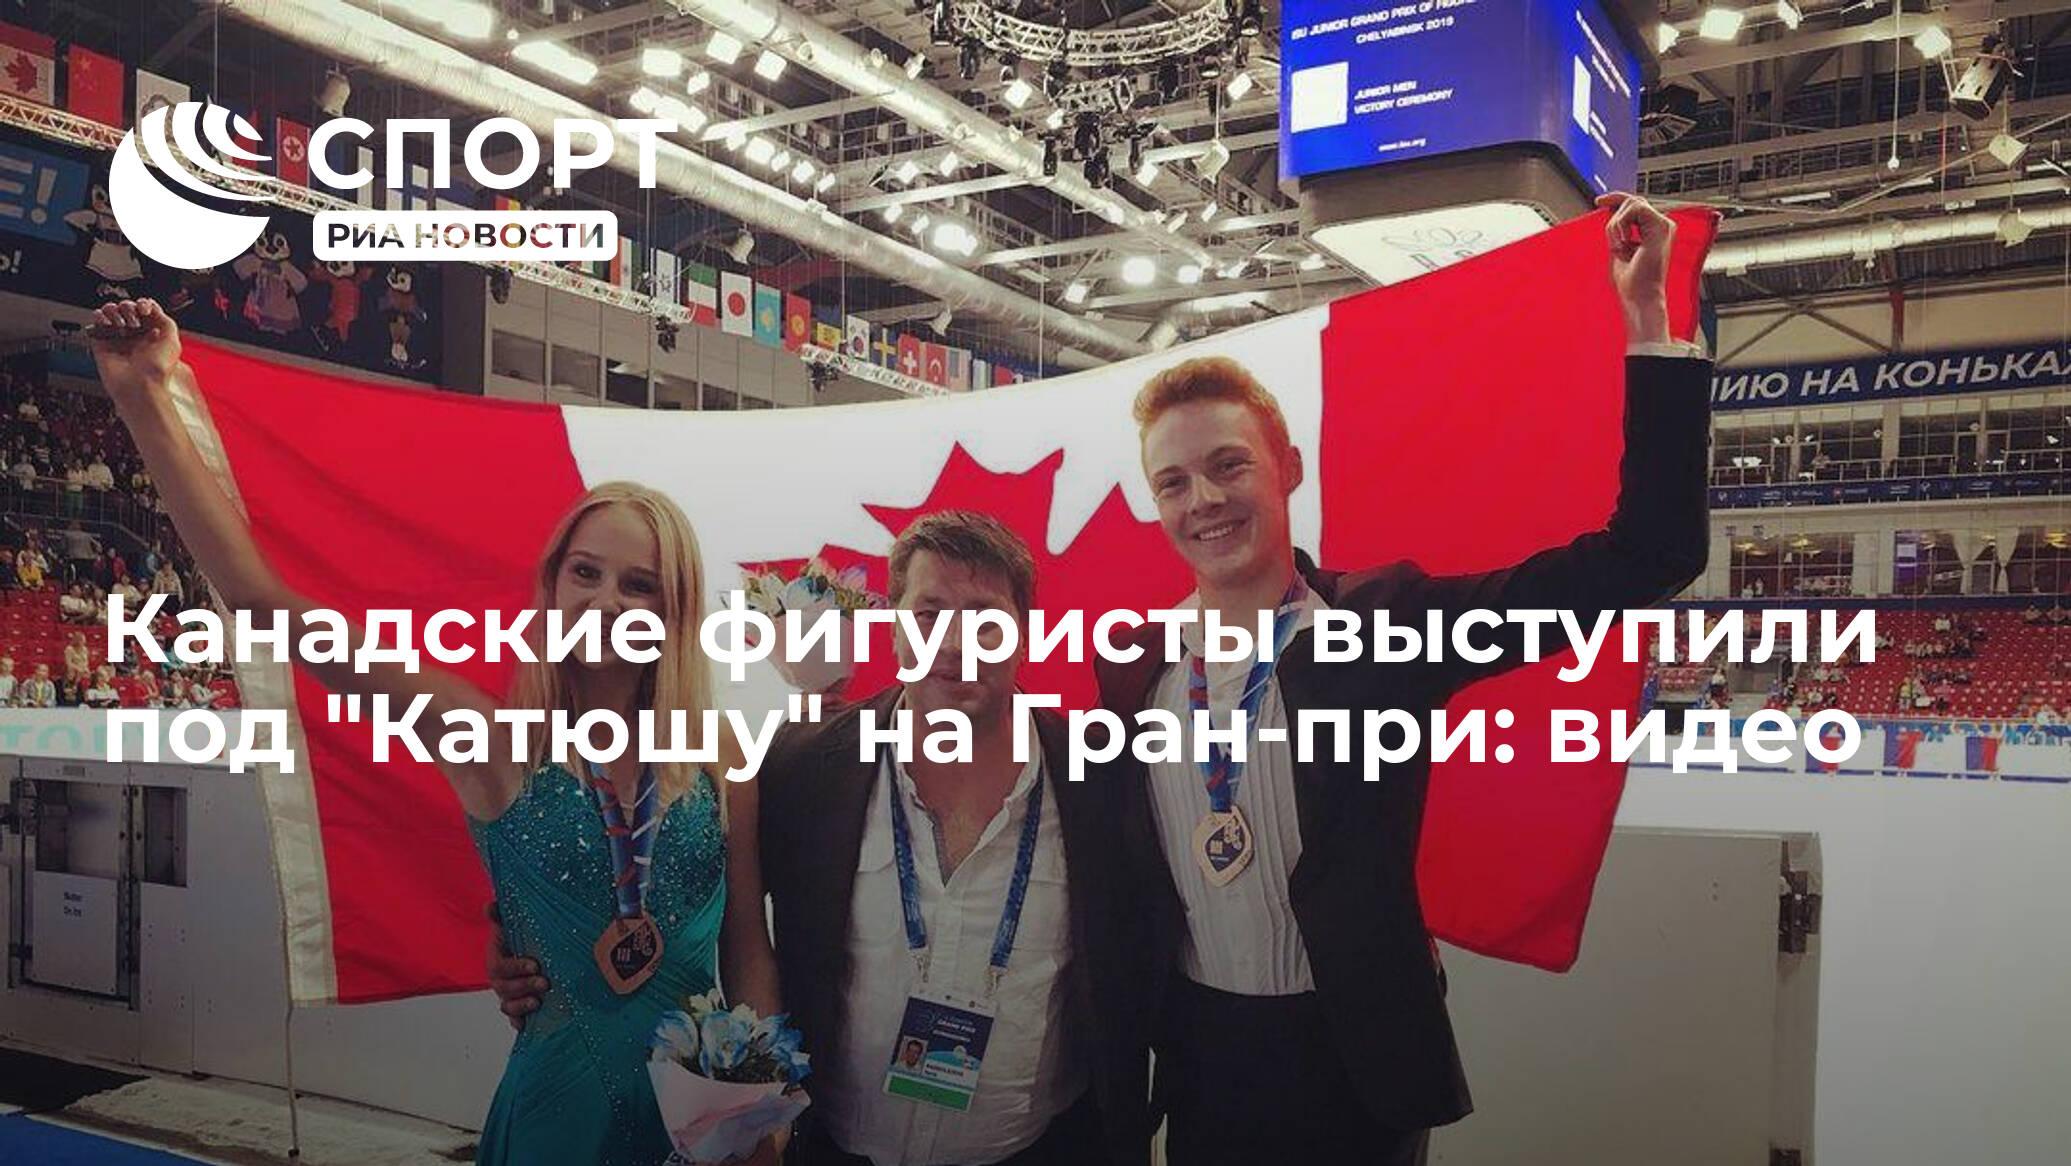 rsport.ria.ru